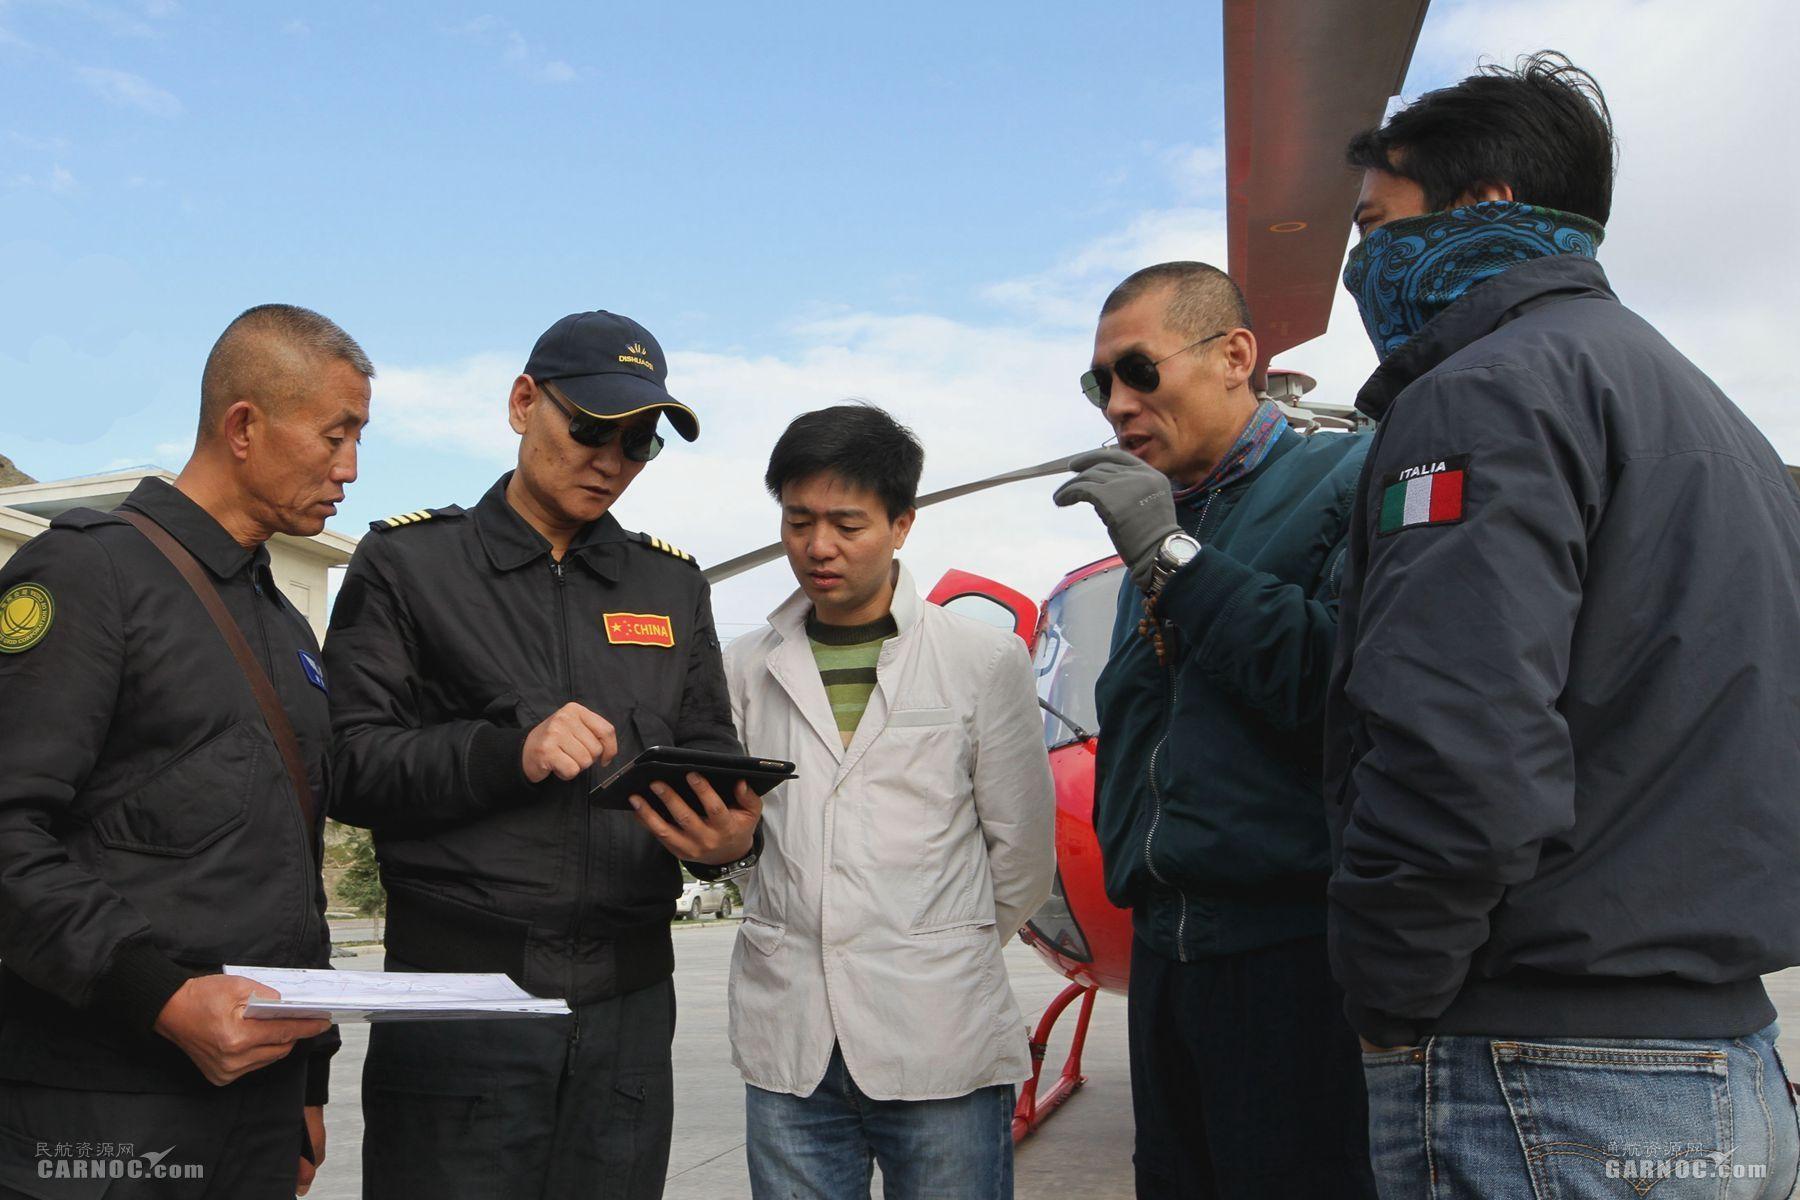 护卫电力天路 国网通航藏中联网直升机试航巡侧记|新闻动态-飞翔通航(北京)服务有限责任公司